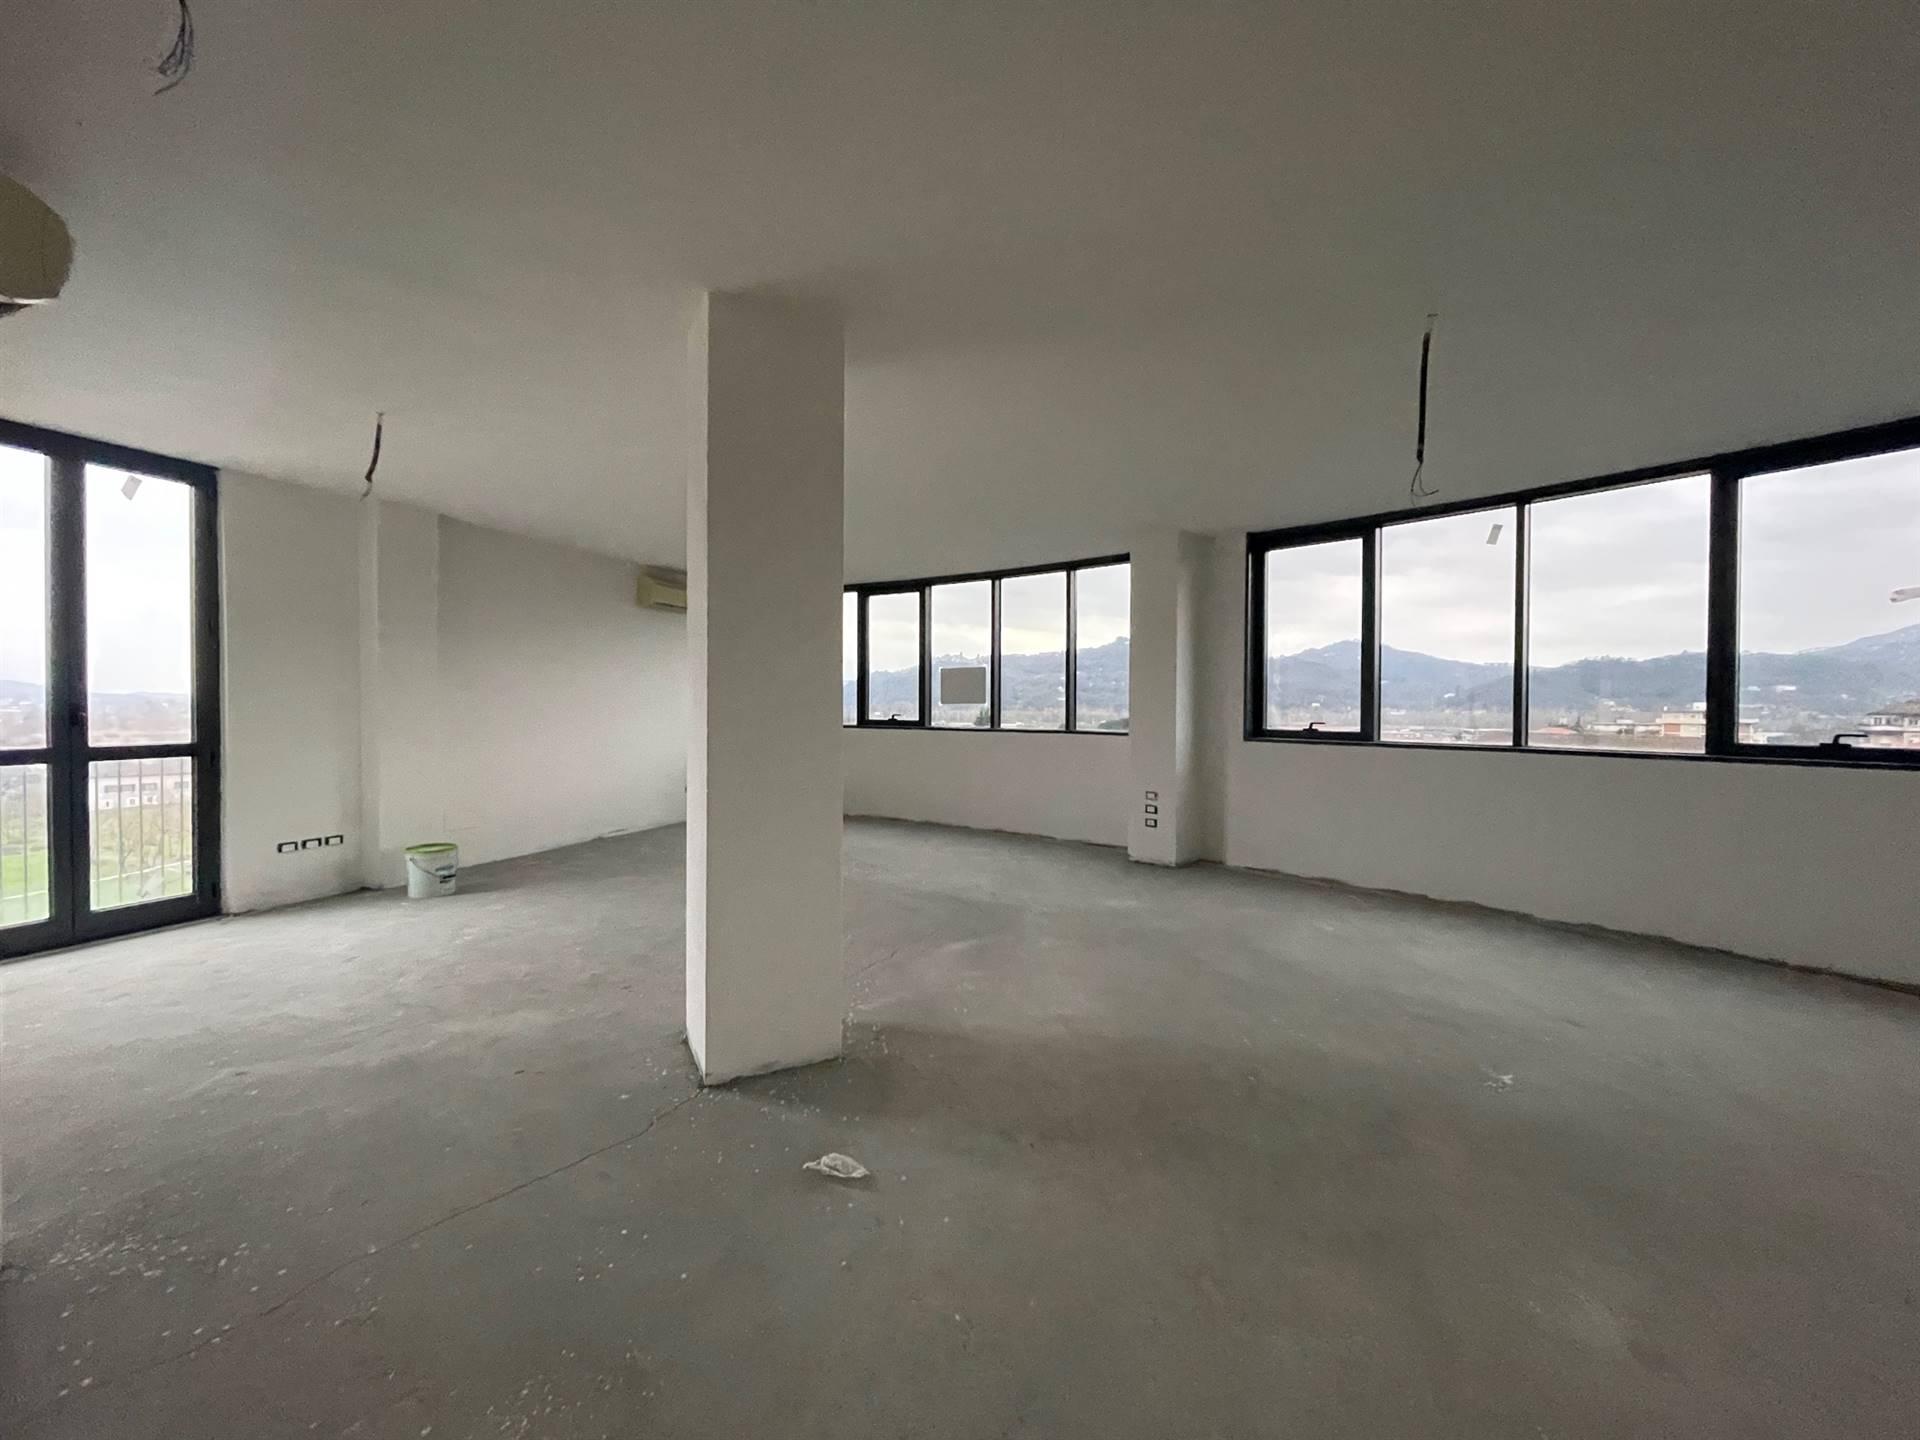 Ufficio / Studio in vendita a Bolano, 4 locali, zona Zona: Ceparana, prezzo € 90.000 | CambioCasa.it